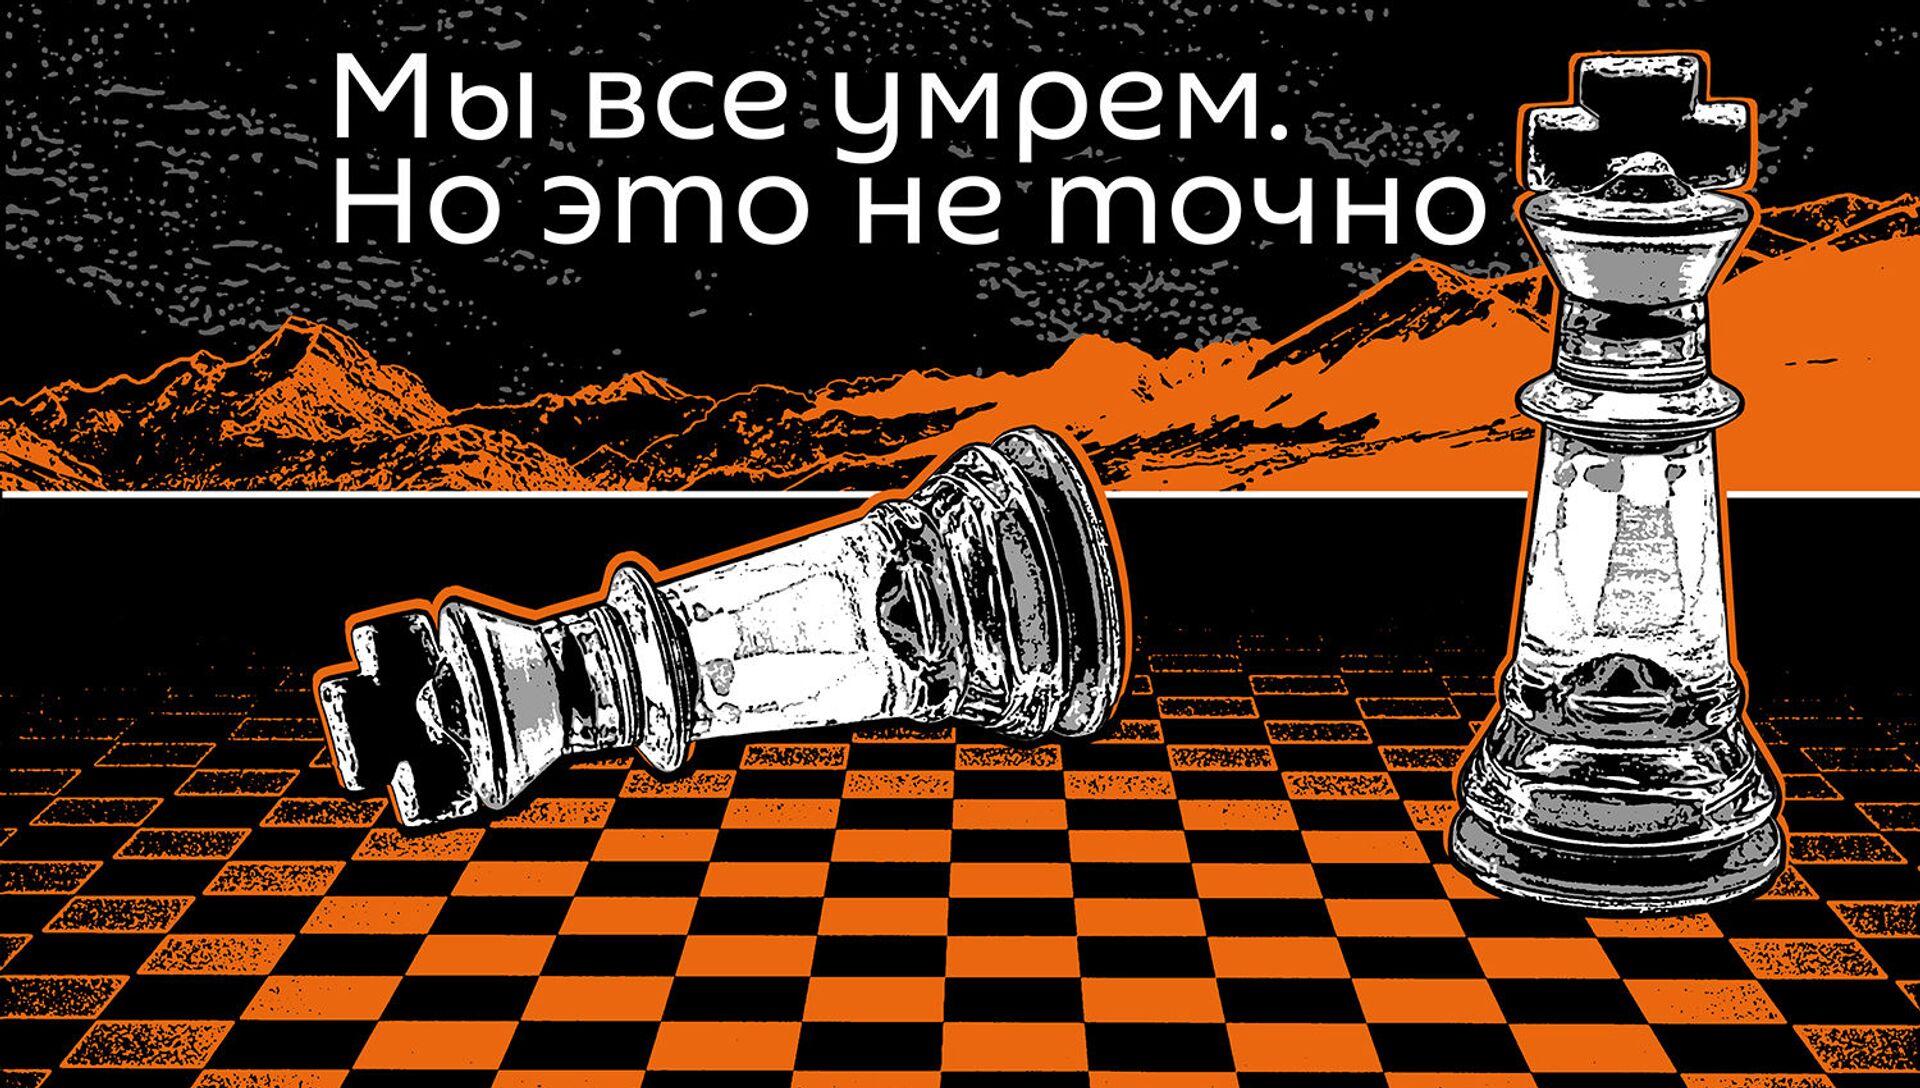 Мы все умрем. Но это не точно - Sputnik Азербайджан, 1920, 21.08.2021